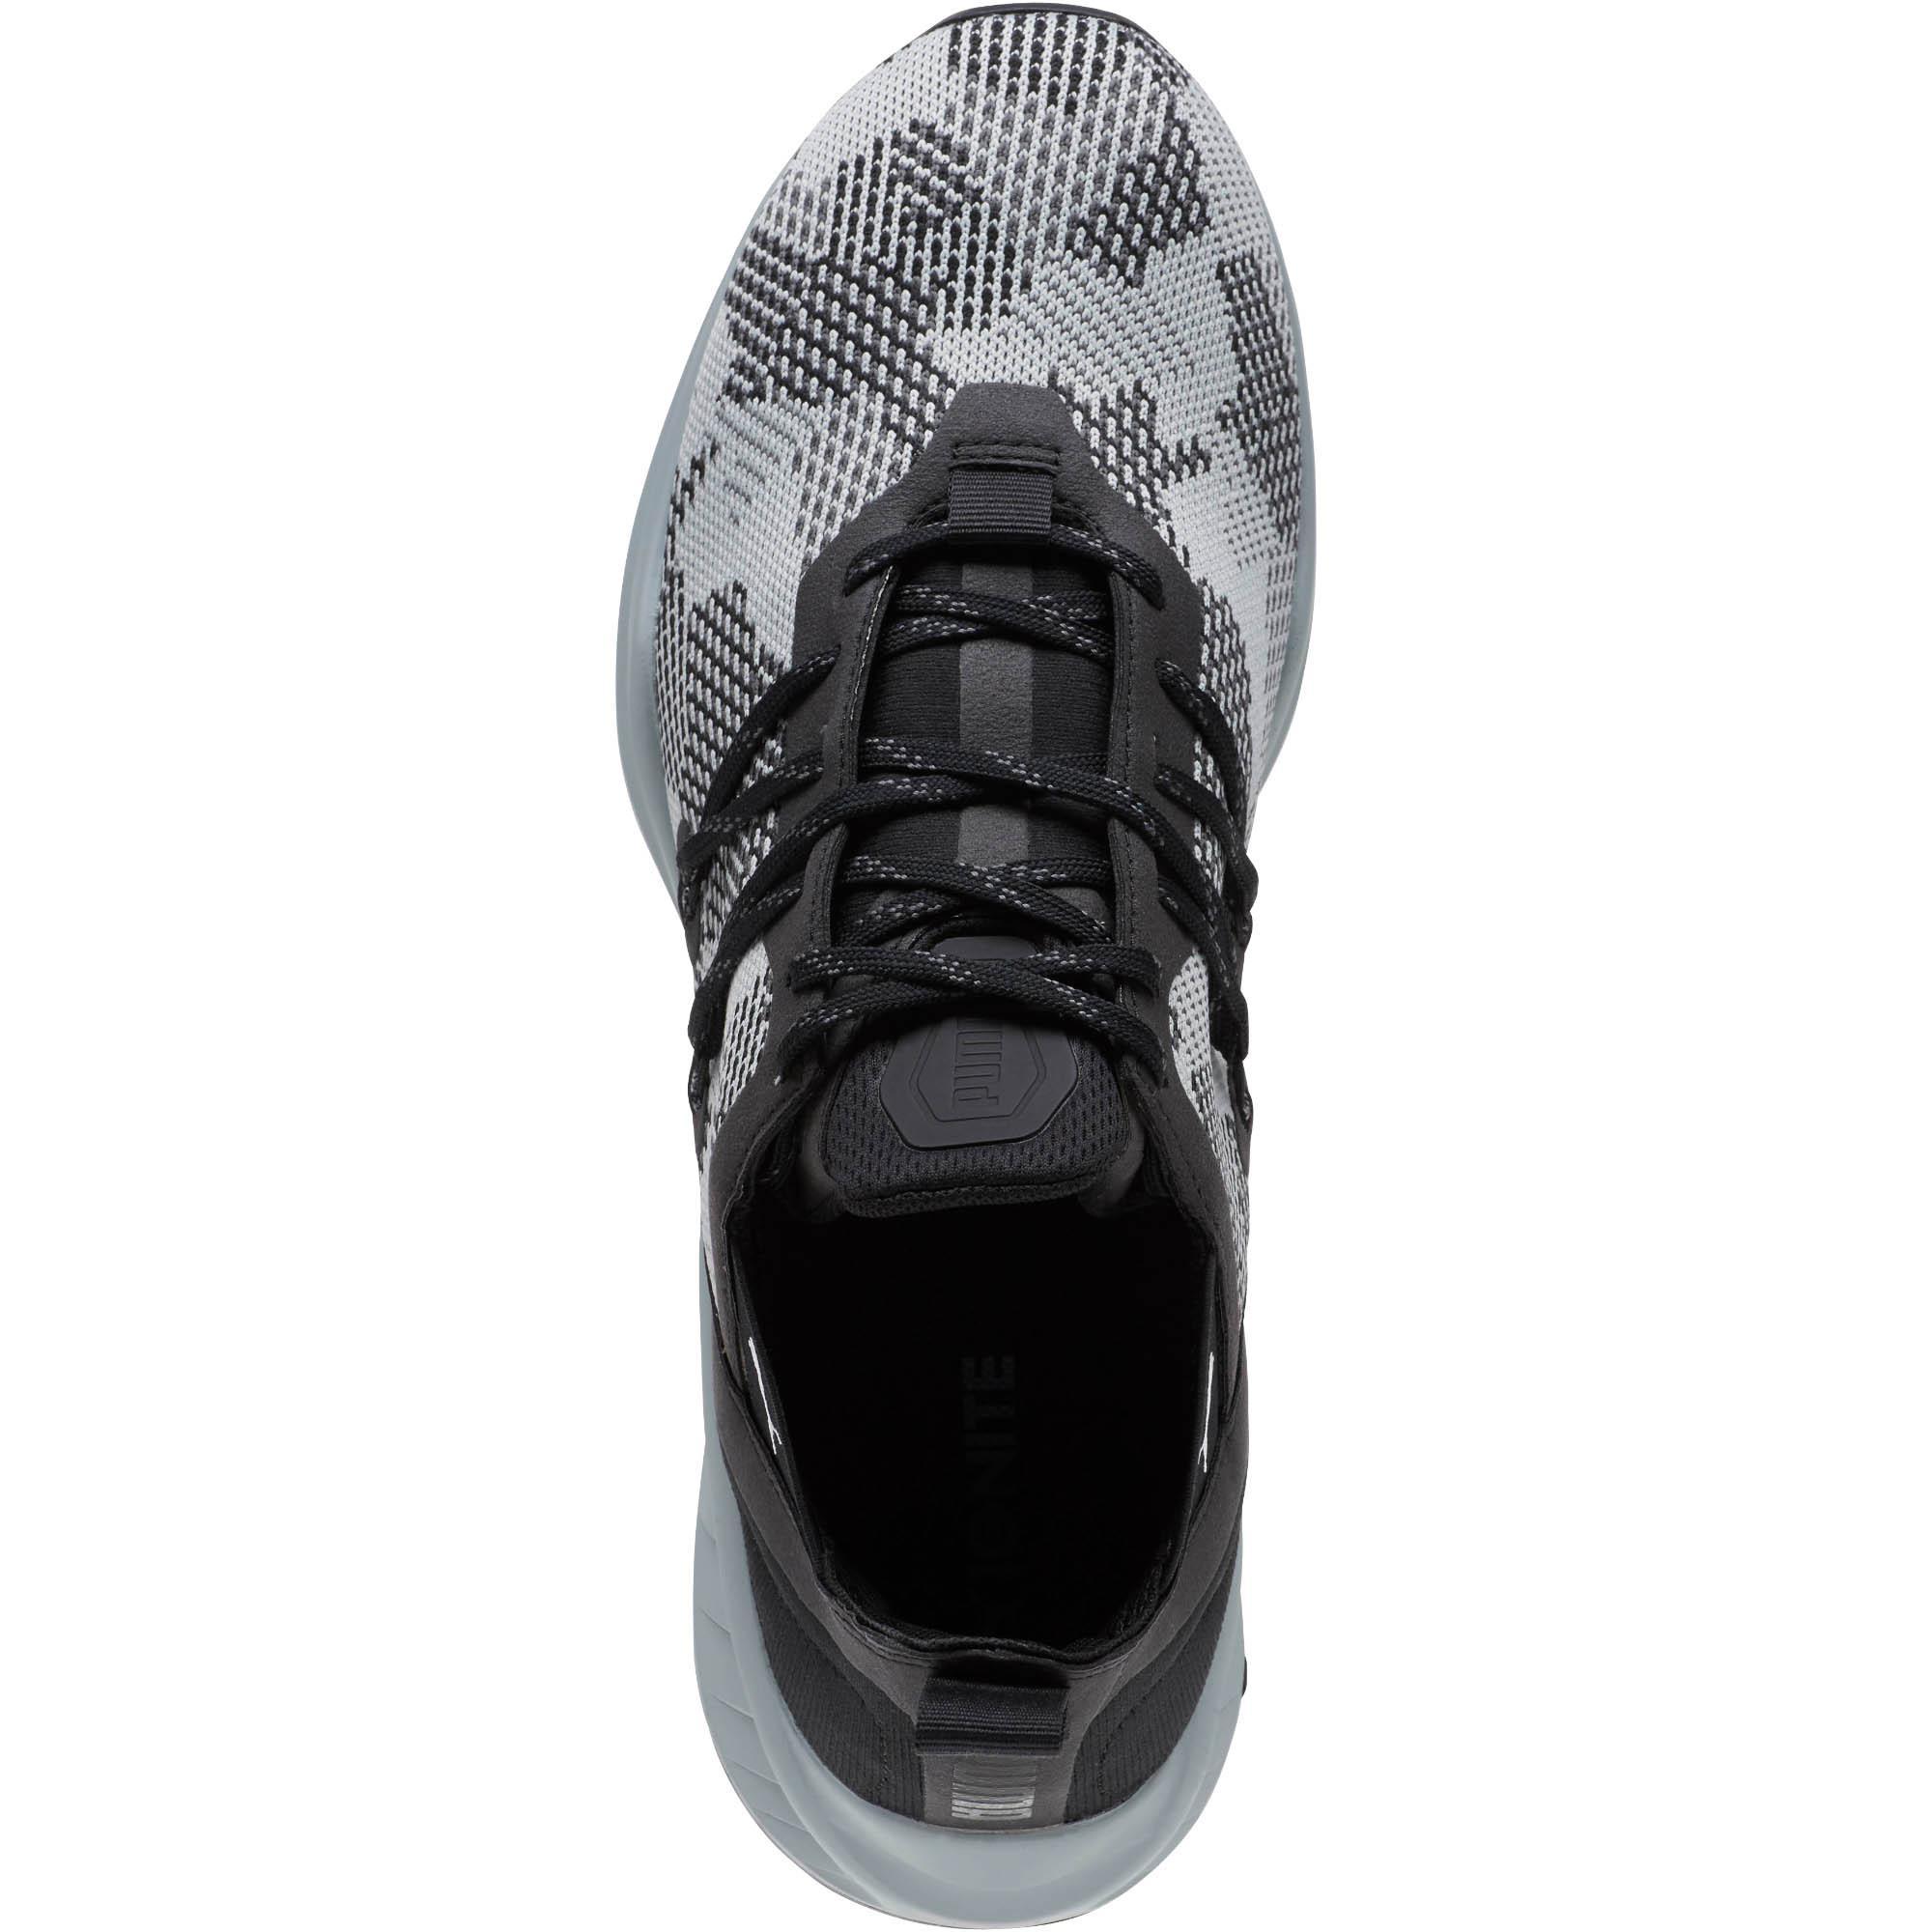 e905f4b39da PUMA - Black Ignite Ronin Shatter Men s Running Shoes for Men - Lyst. View  fullscreen